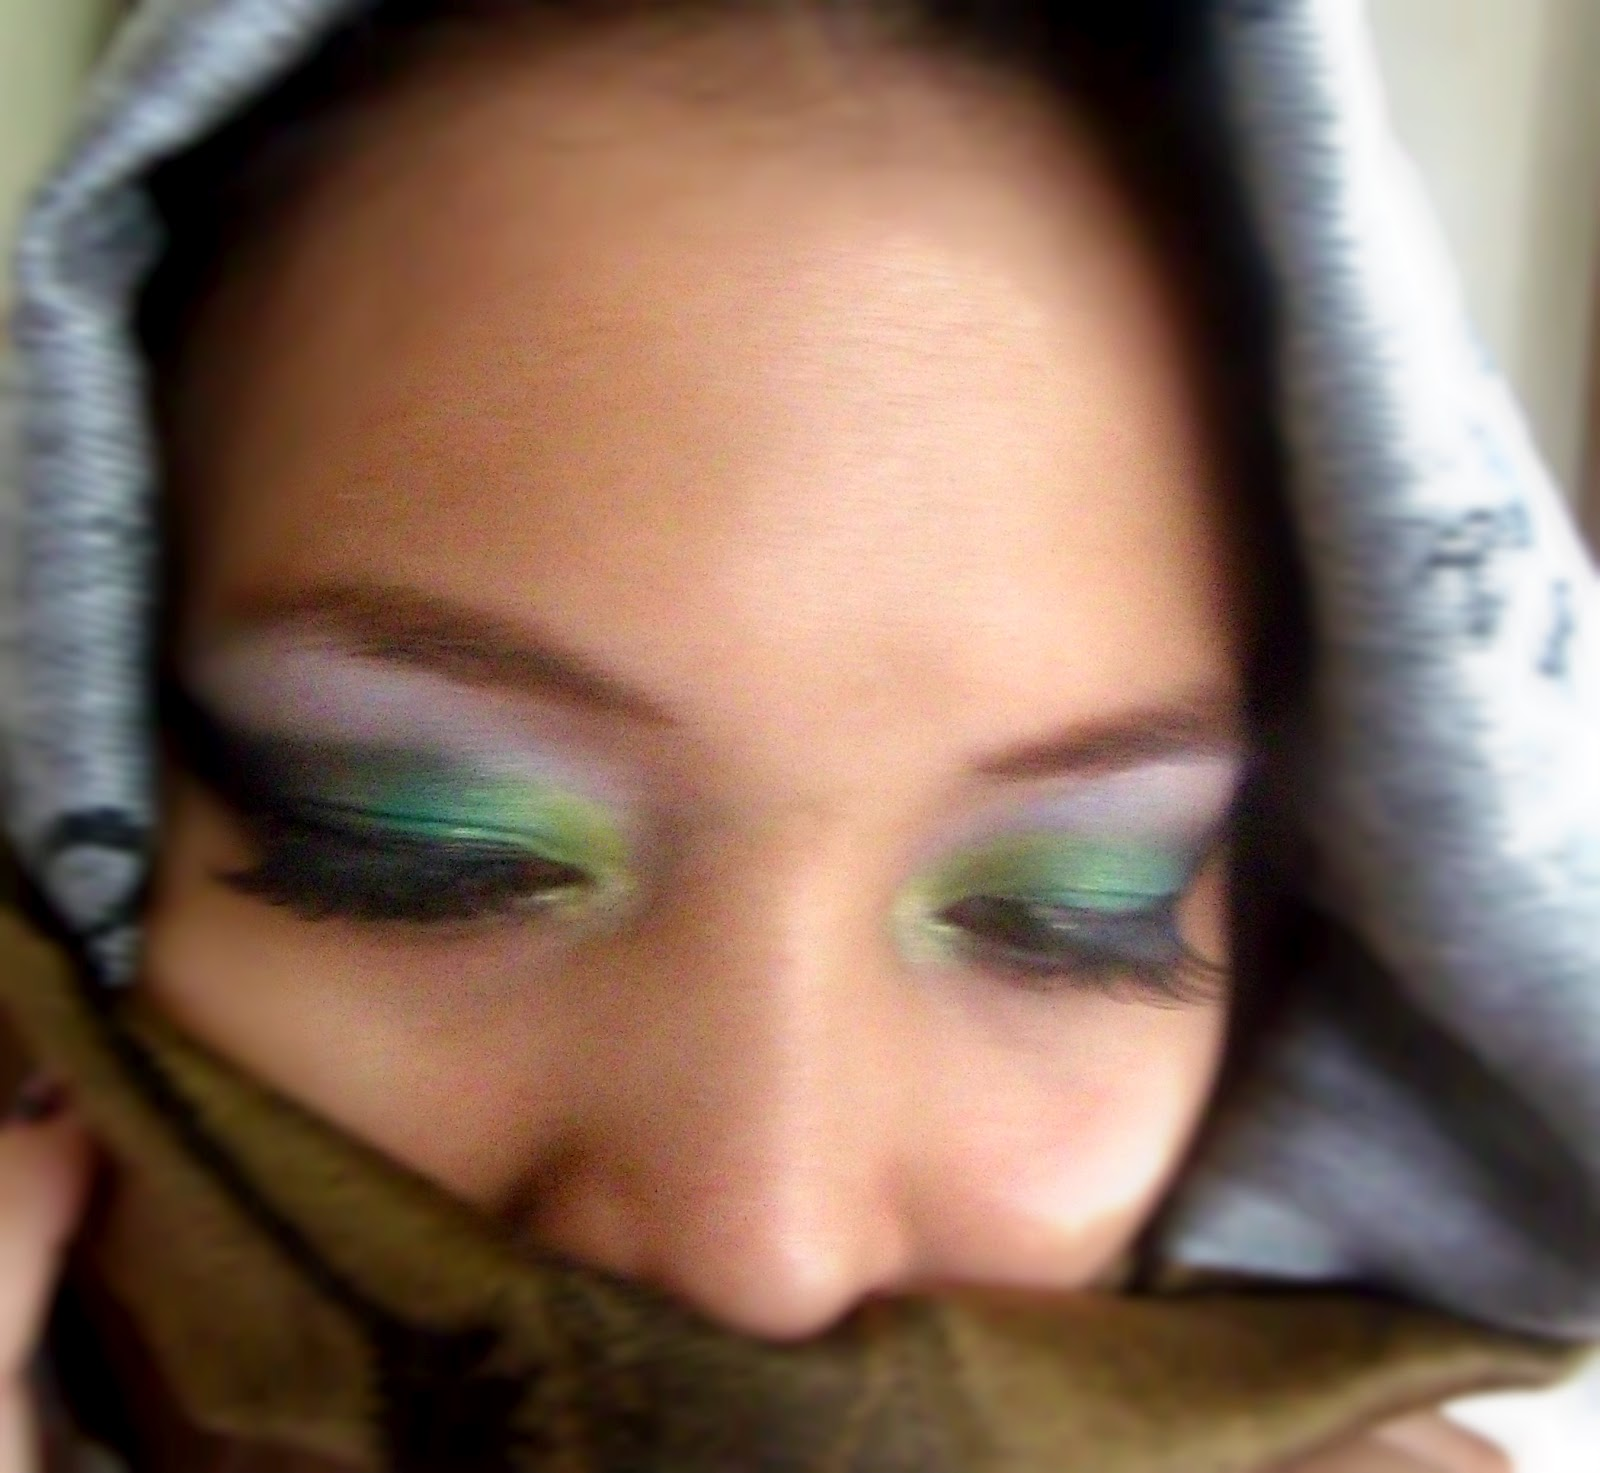 http://1.bp.blogspot.com/-44Yk2ocV_TU/UG1R9ny1g3I/AAAAAAAAA14/i_Db-_WKDk0/s1600/Arab+eyes+4.jpg